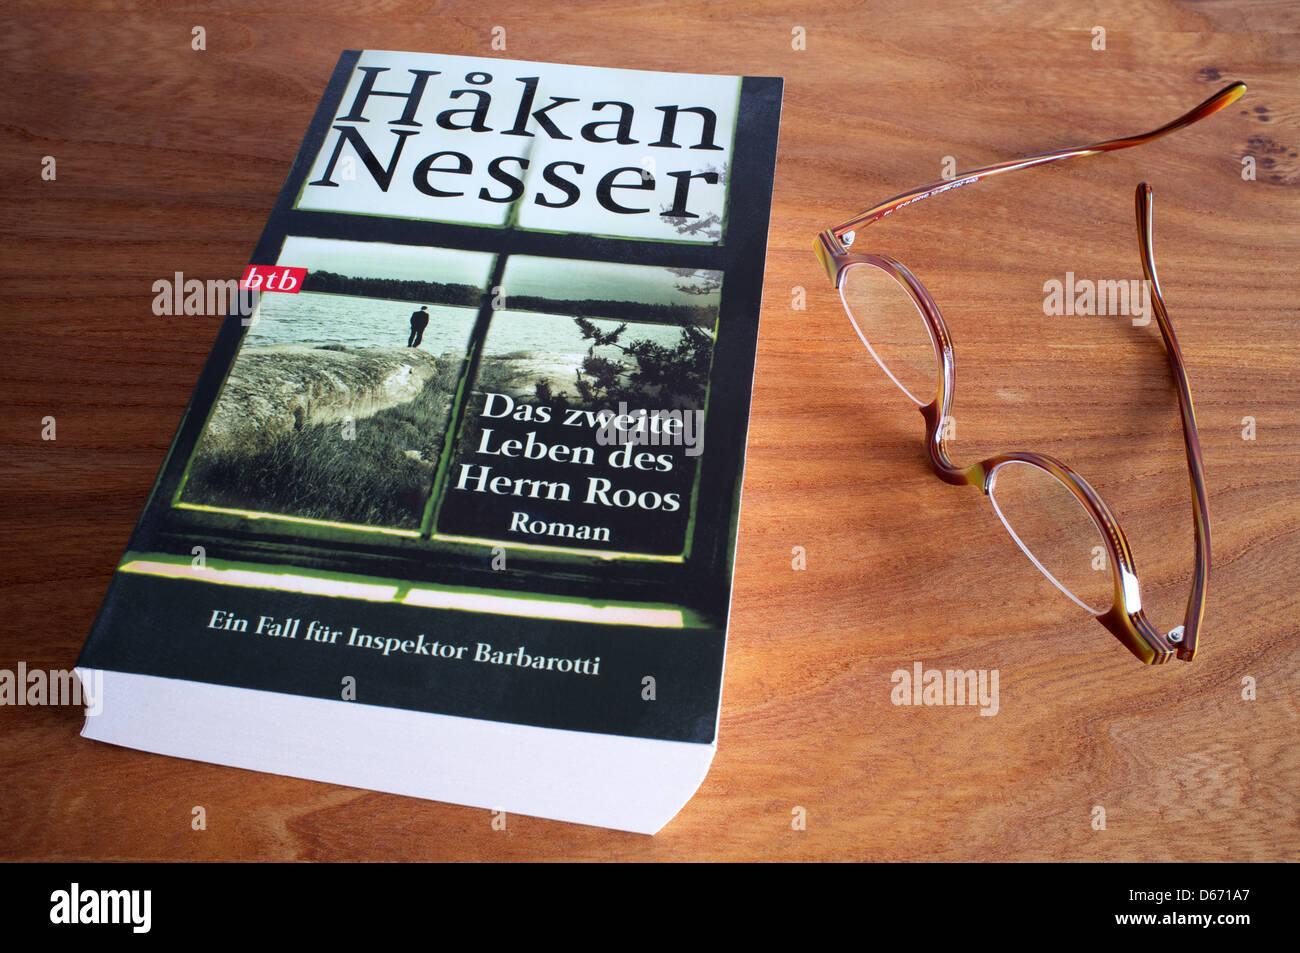 Hakan Nesser-Das Zweite Leben des Herrn Roos Stockbild